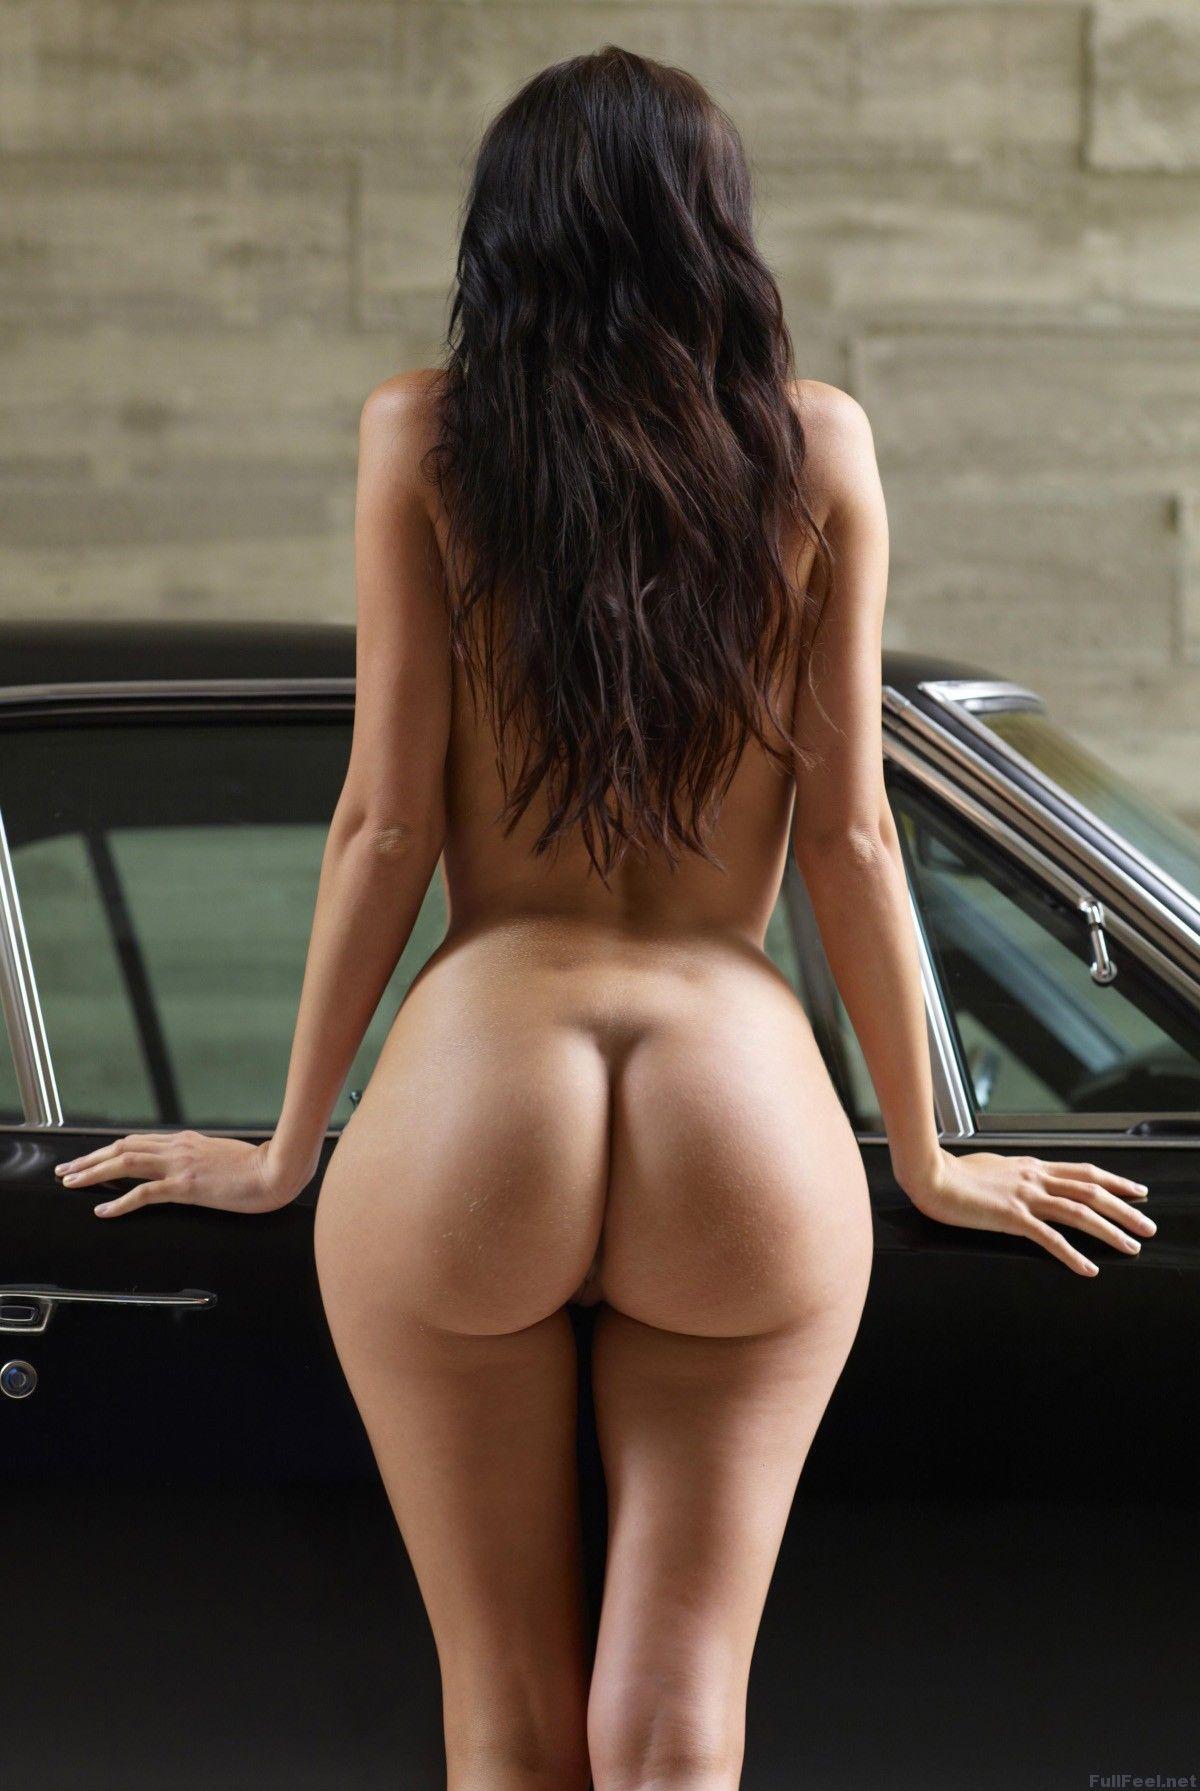 Pefectly shaped girls naked